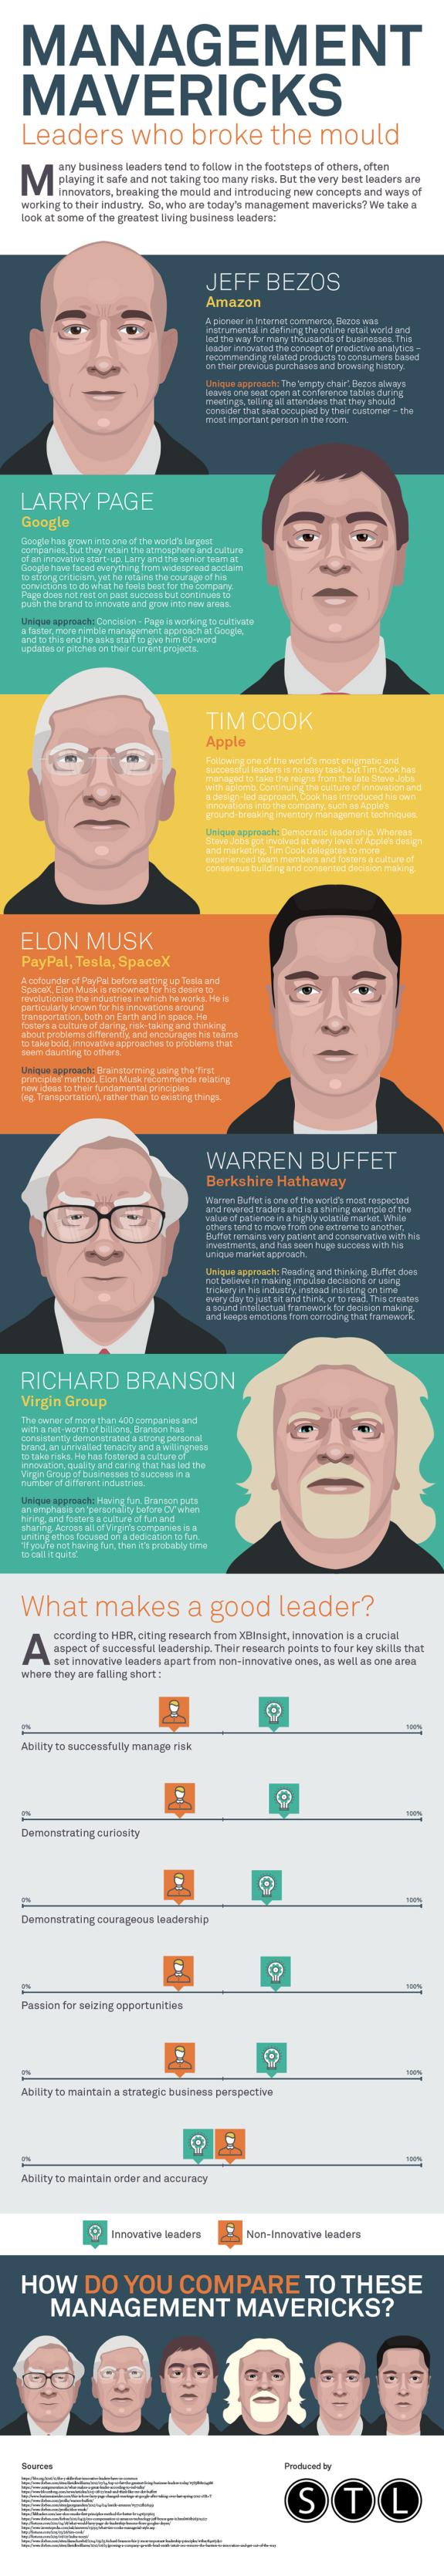 Management Mavericks - Leaders Who Broke the Mould